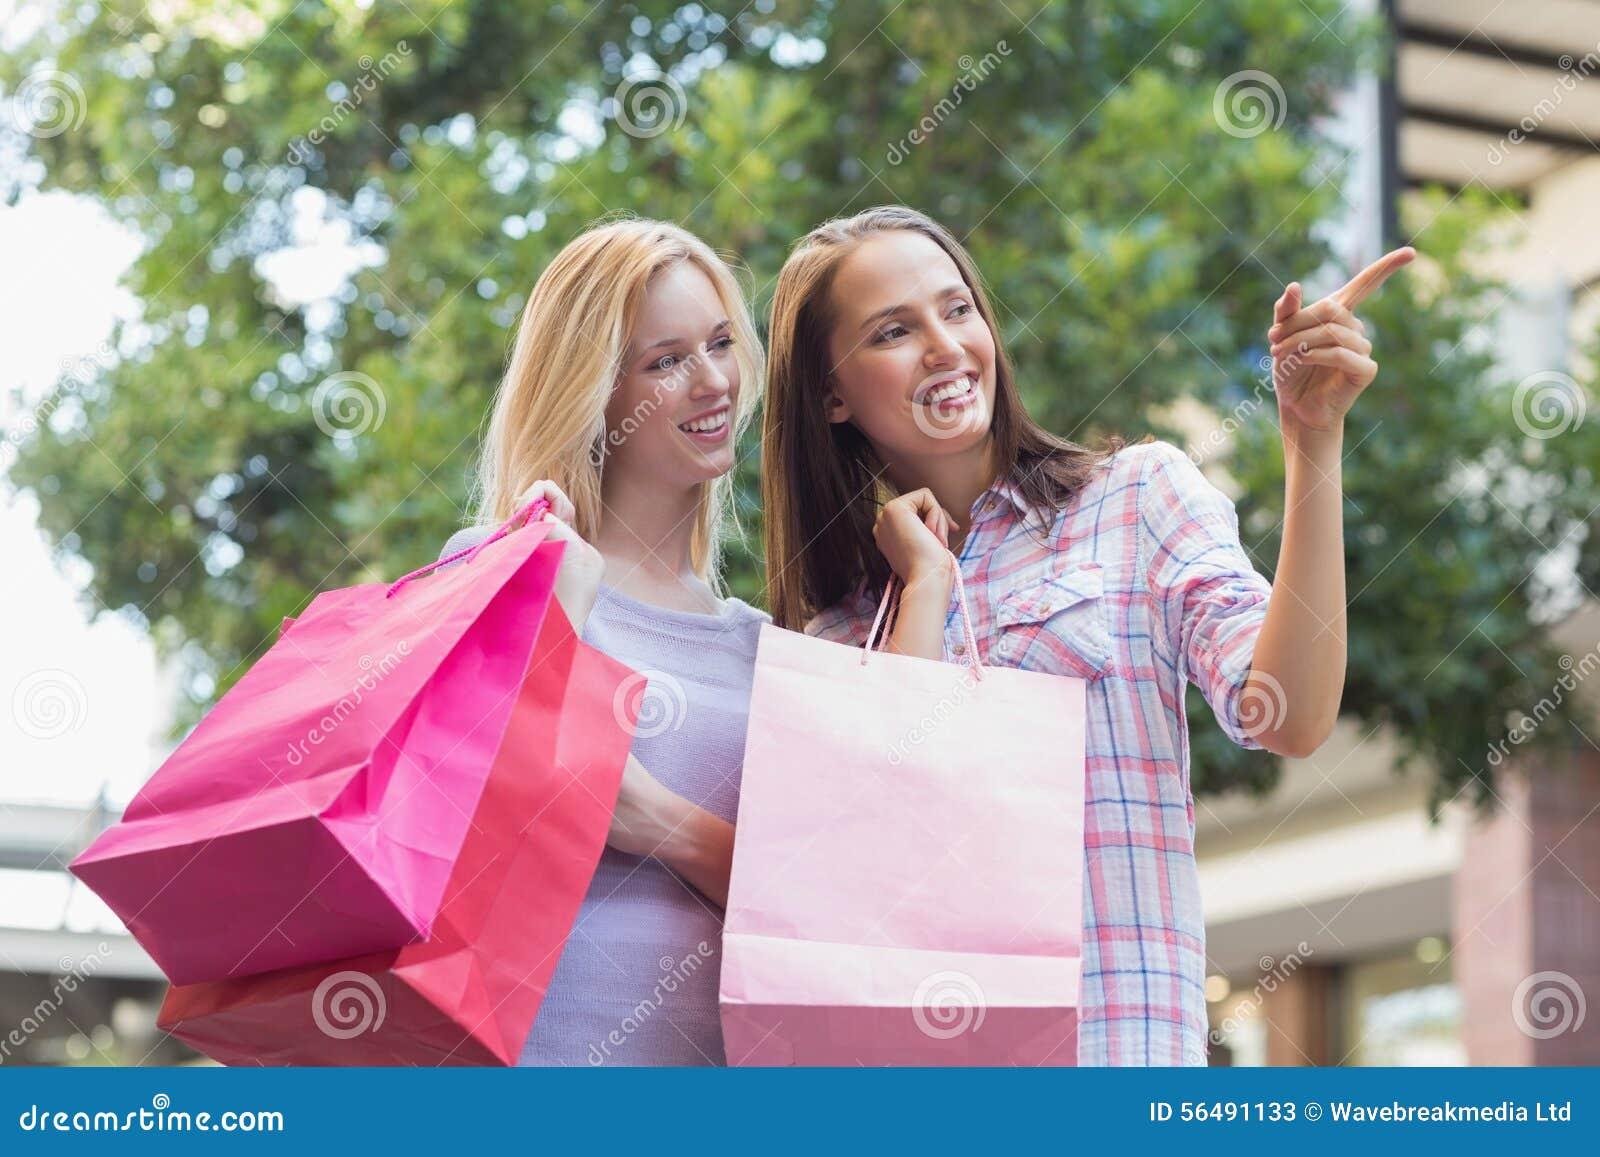 Femmes heureuses avec des paniers et se diriger loin